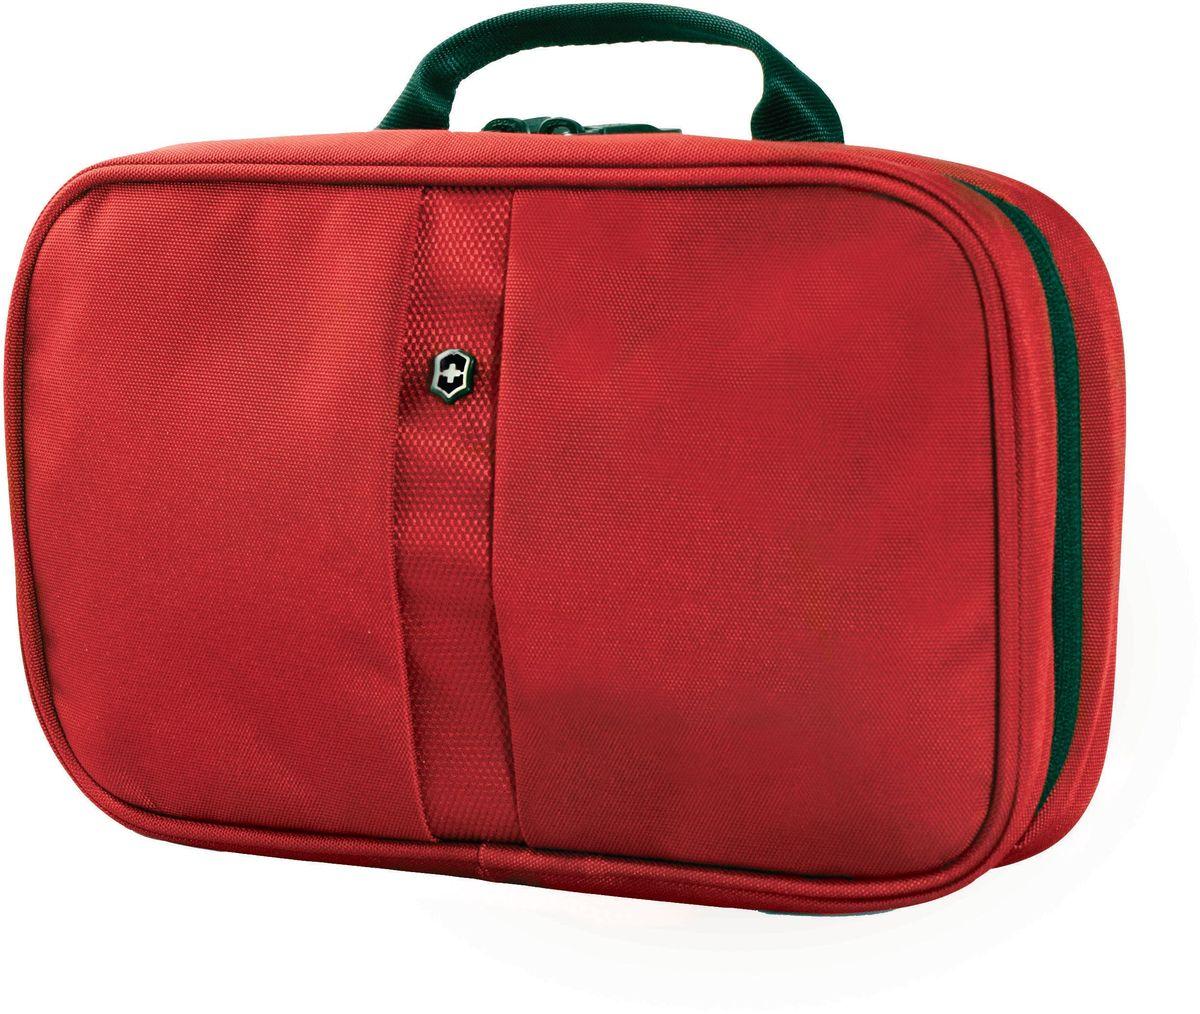 Несессер Victorinox Zip-Around Travel Kit, цвет: красный. 3117320331173203Оригинальный швейцарский армейский нож «Swiss Army» был создан в 1897 году в небольшой деревушке Ибах в Швейцарии.С тех пор продукция,выпускаемая под маркой «Victorinox» с ее узнаваемым логотипом в виде креста на щите,по праву считается эталоном отличного качества,высокой функциональности,инновационных технологий и культового дизайна.Наша преданность принципам в течение последних 130 лет позволила нам создавать продукты,которые являются выдающимися не только по дизайну и качеству,но которые также являются надежными спутниками в больших и маленьких жизненных приключениях. Сегодня мы с гордостью представляем линейку сумок,чемоданов и дорожных аксессуаров,которые наилучшим образом воплощают в себе данные принципы,а также сочетают в себе черты нашего лучшего классического стиля. Коллекция Lifestyle Accessories 4.0 включает в себя широкий ассортимент решений для путешествий и повседневной жизни.Независимо от пункта назначения данные высоко-практичные аксессуары станут...